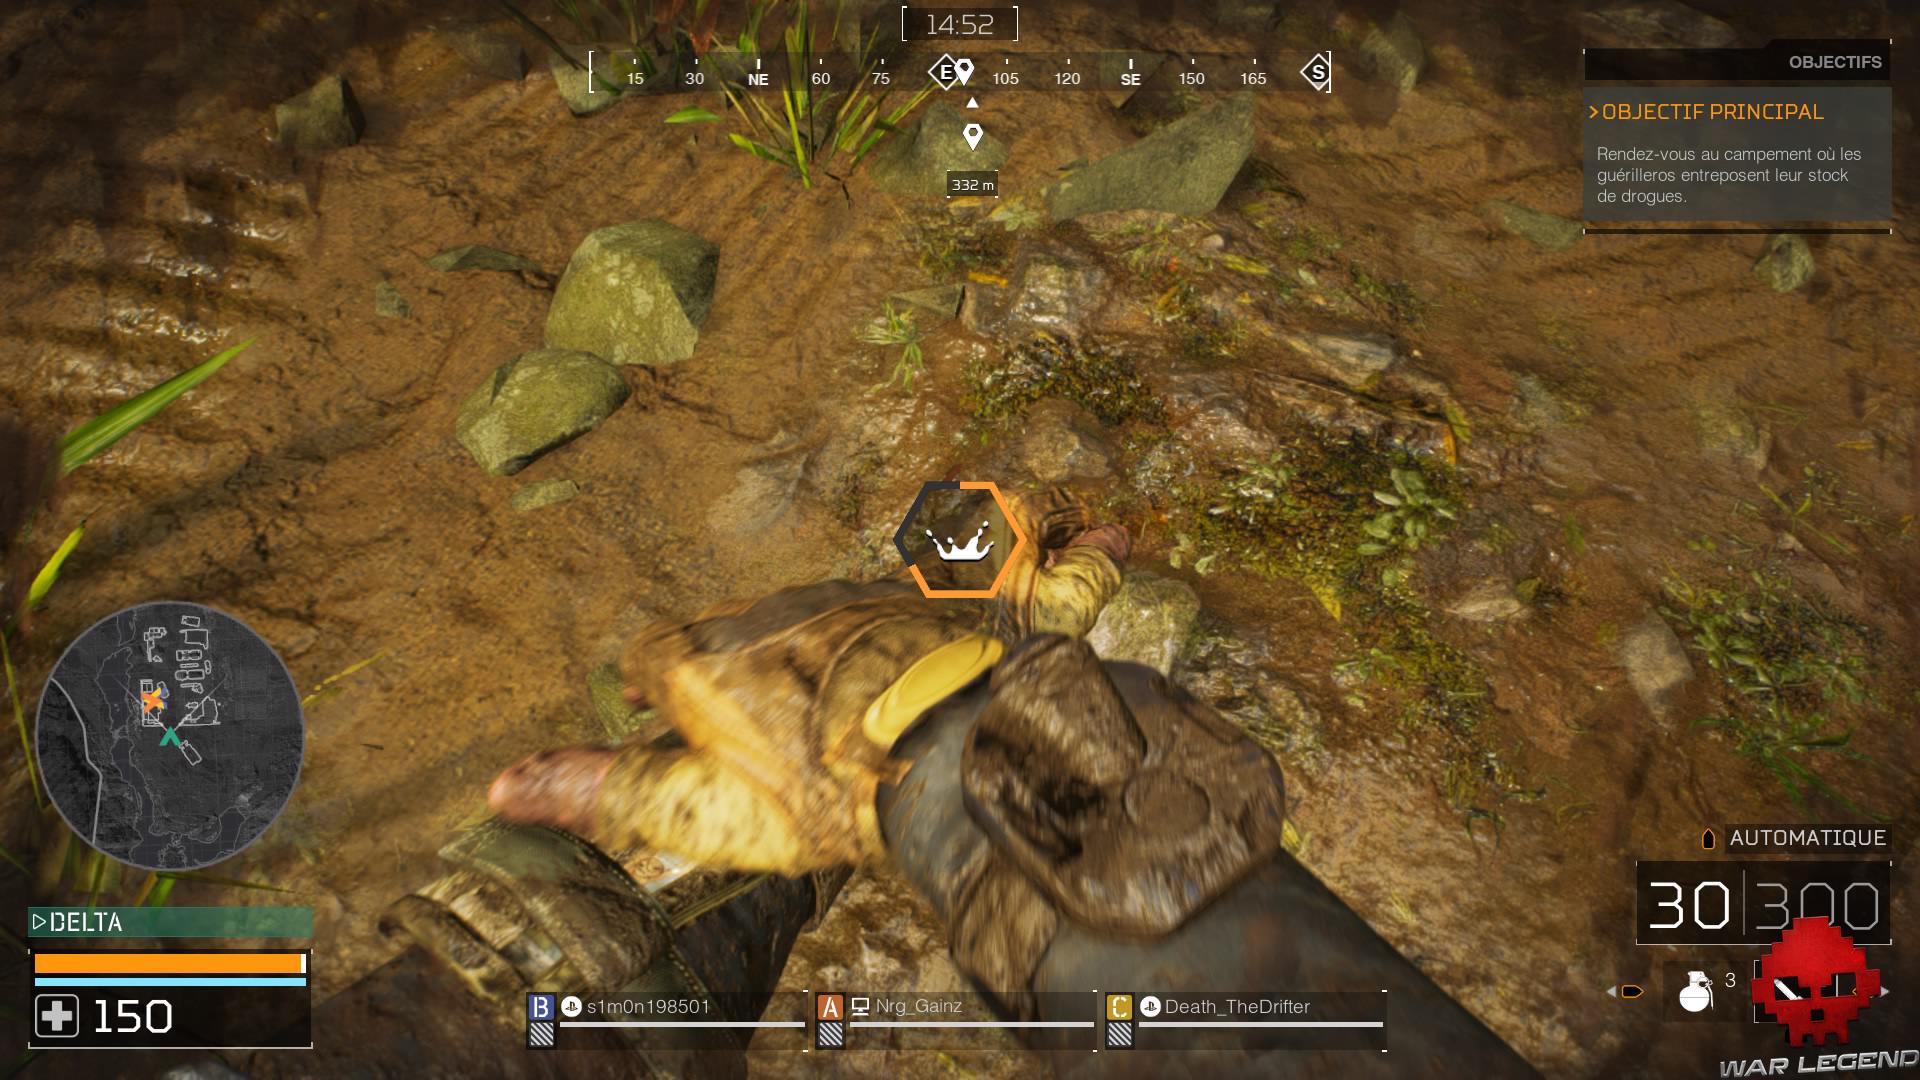 Predator hunting grounds image